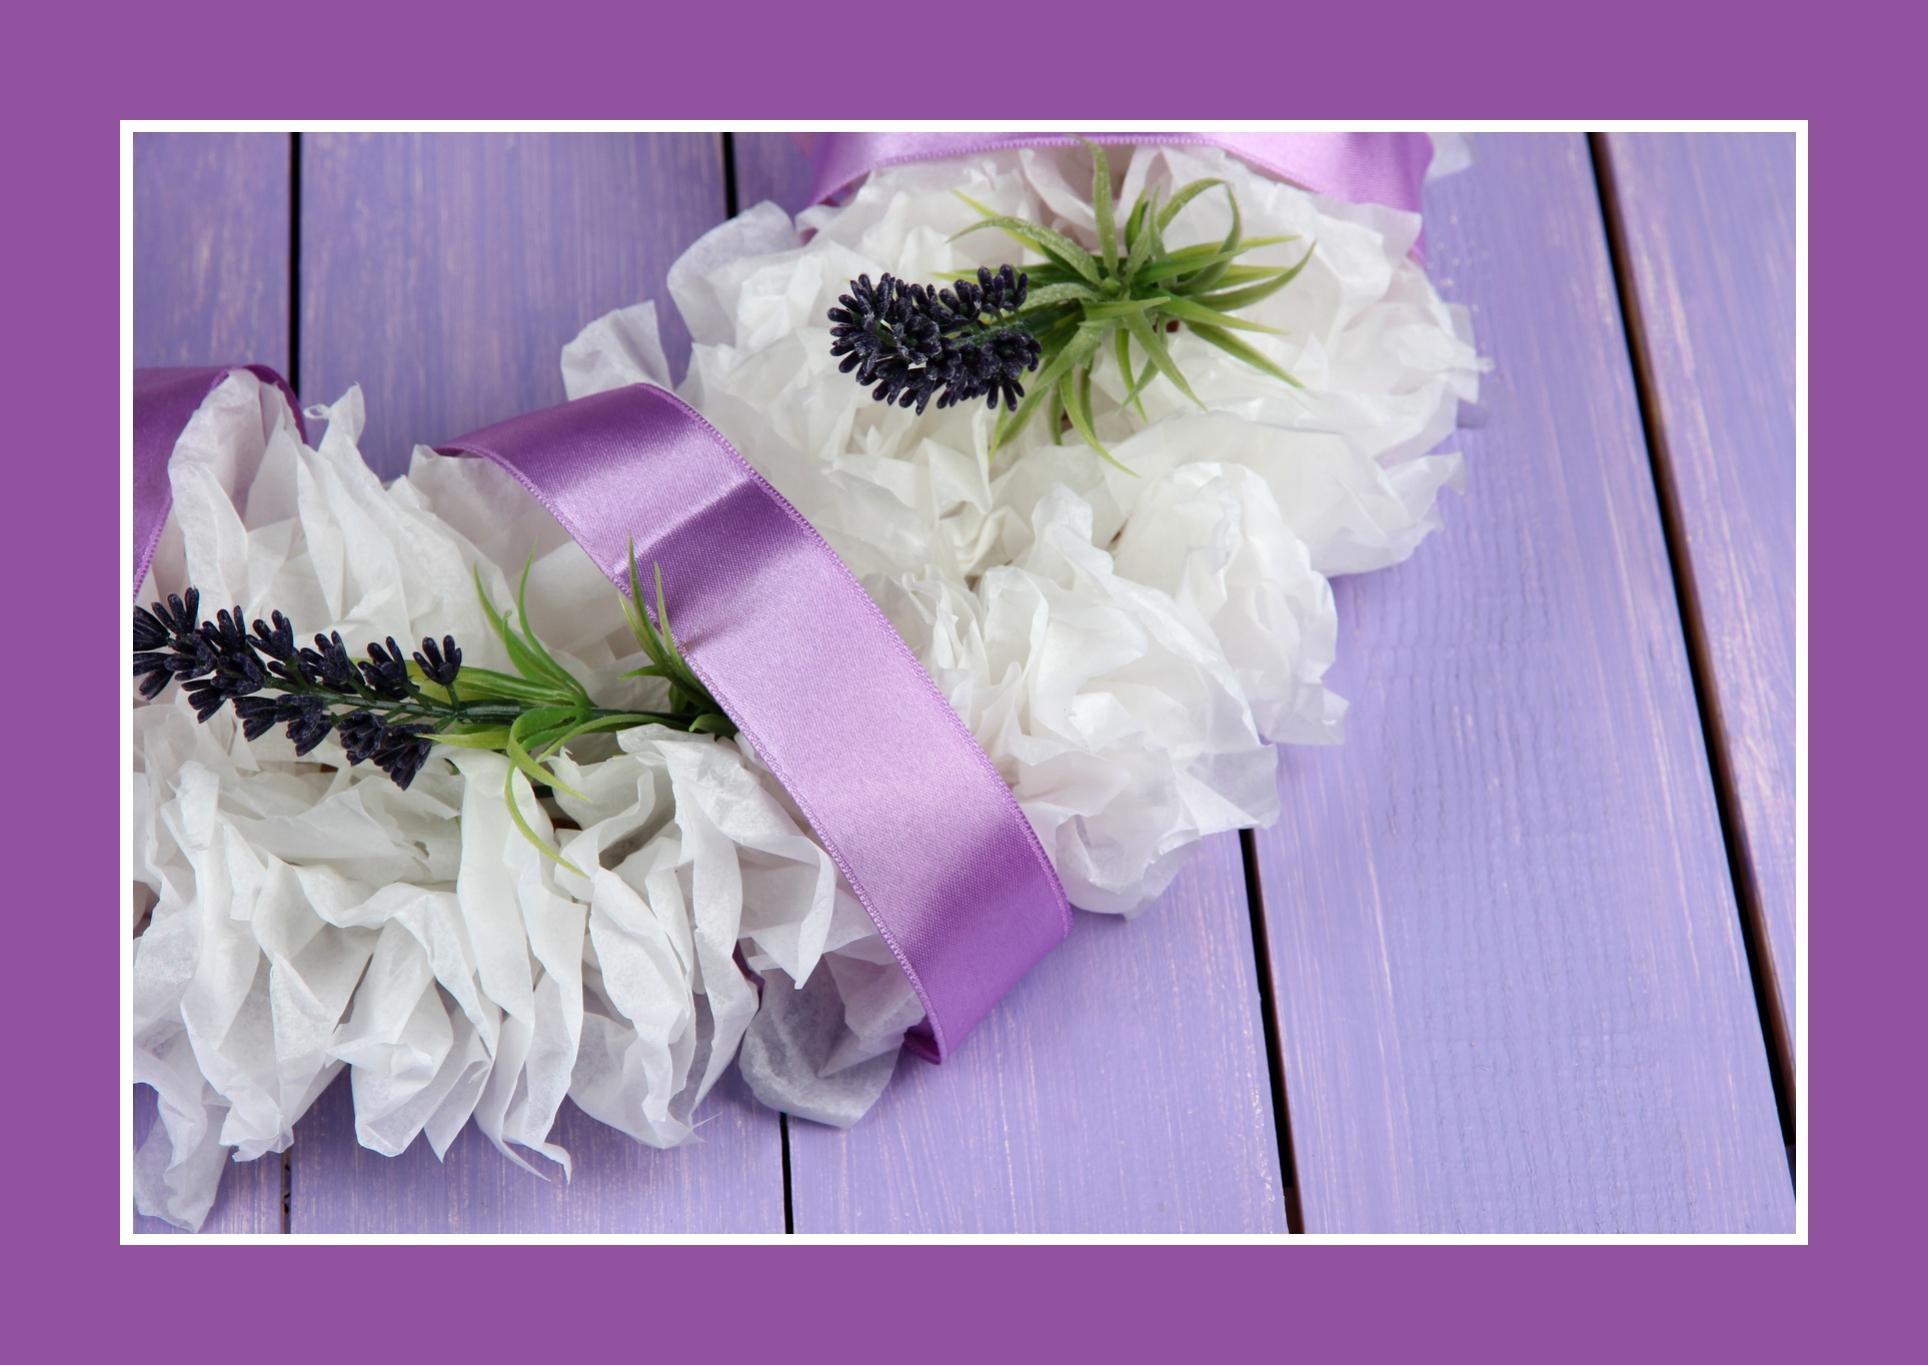 Blumenkranz / Blumenschmuck aus Kunstblumen in Lila-Weiß – moderne Hochzeitsfloristik